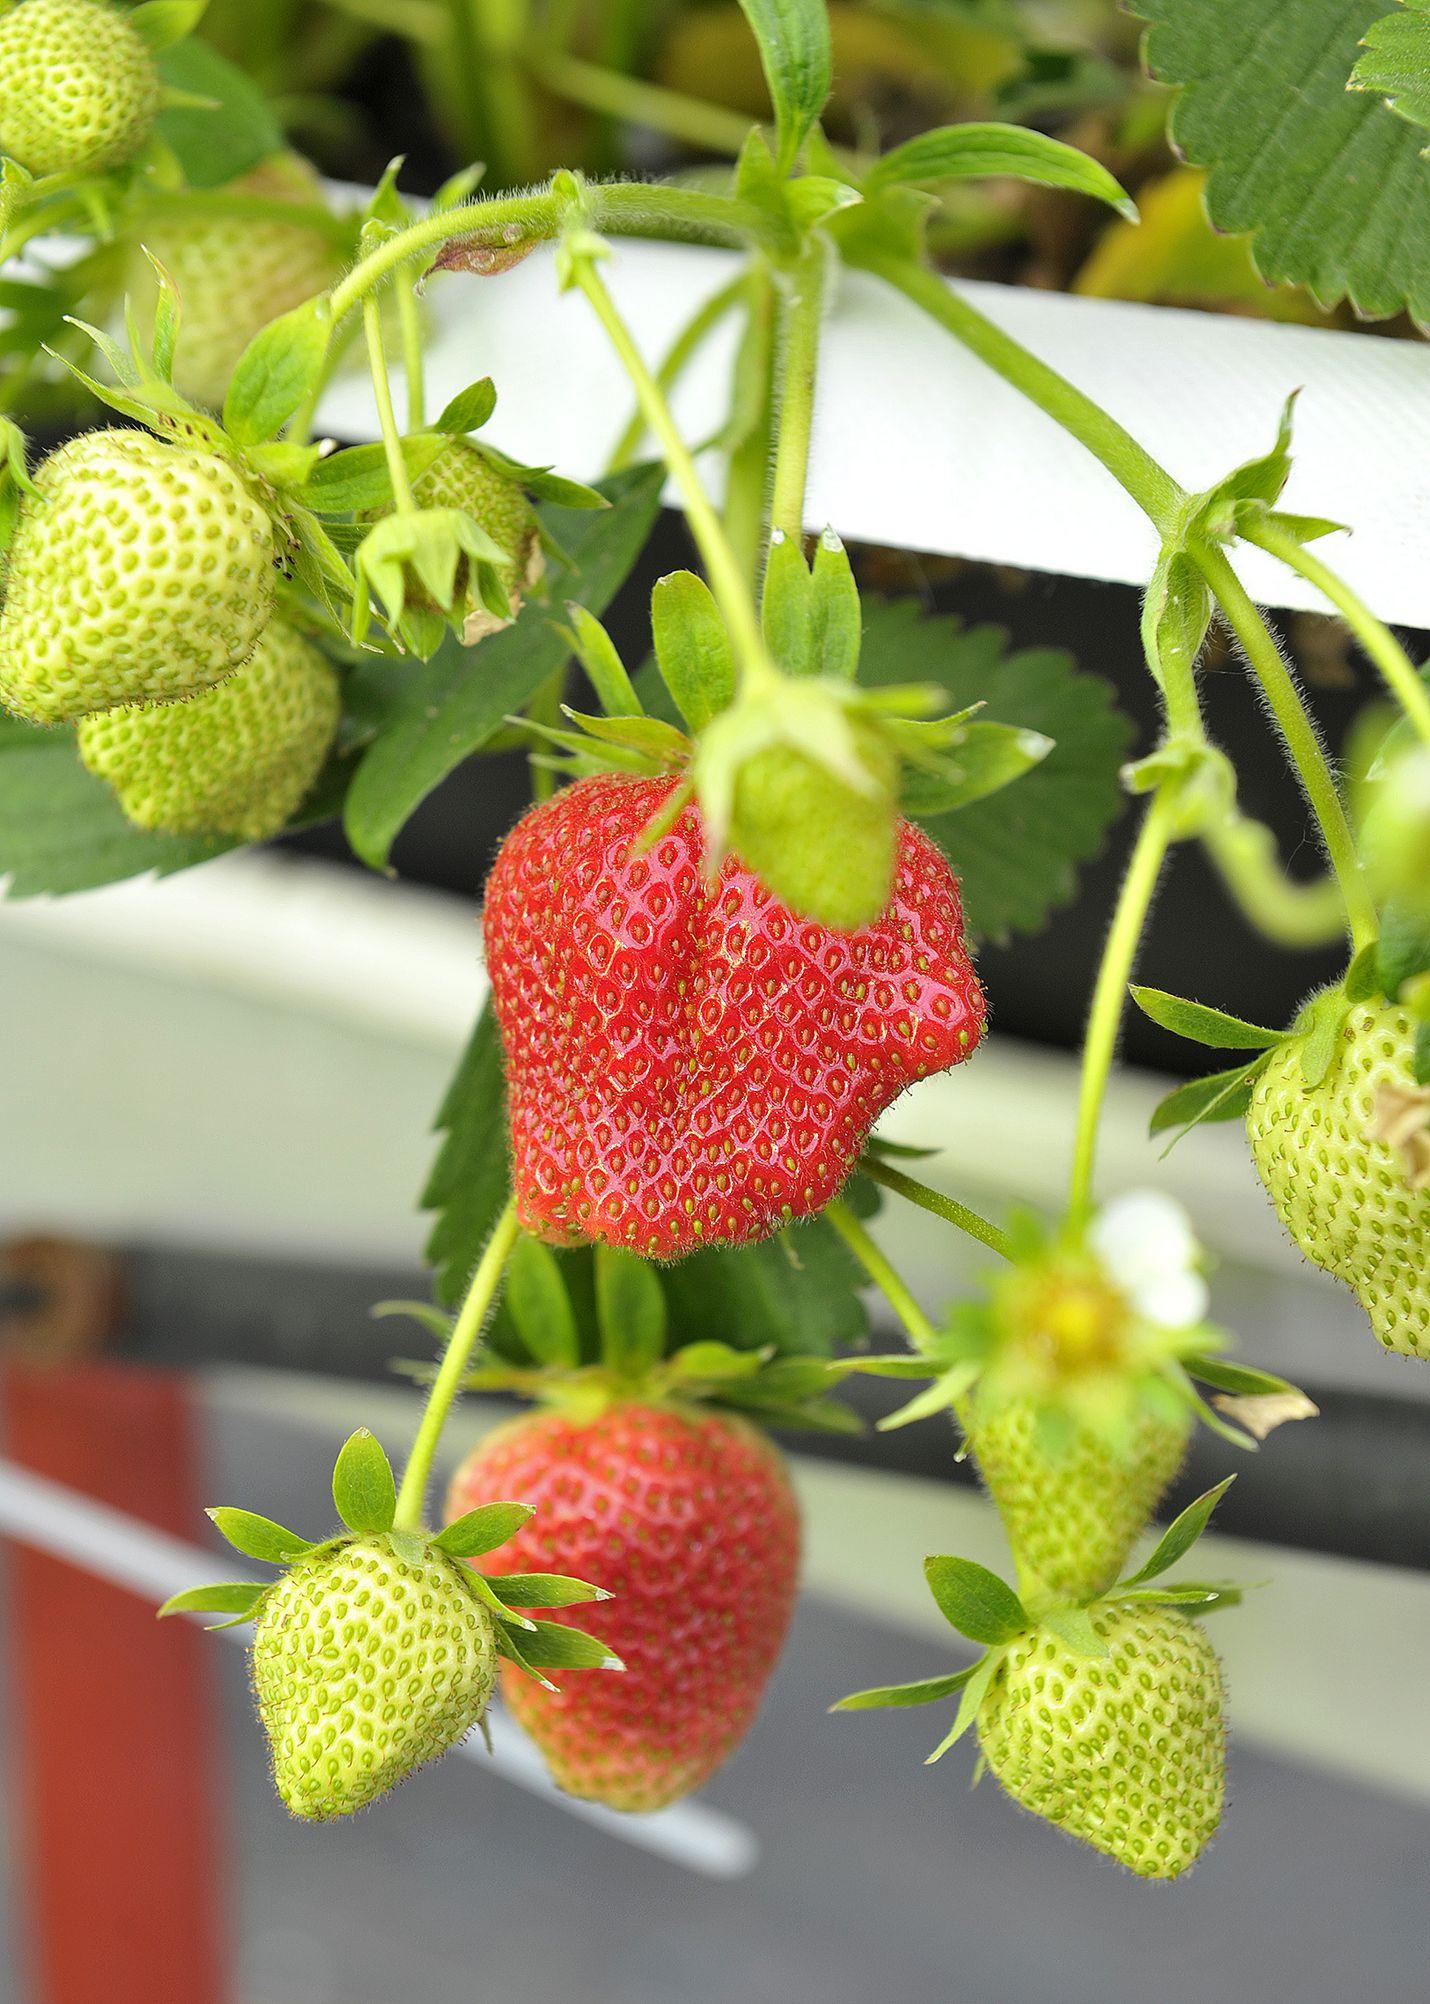 Ensimmäiset mansikat ovat jo kypsyneet. Pääsatokausi ajoittuneen kuitenkin vasta heinäkuun alkuun.